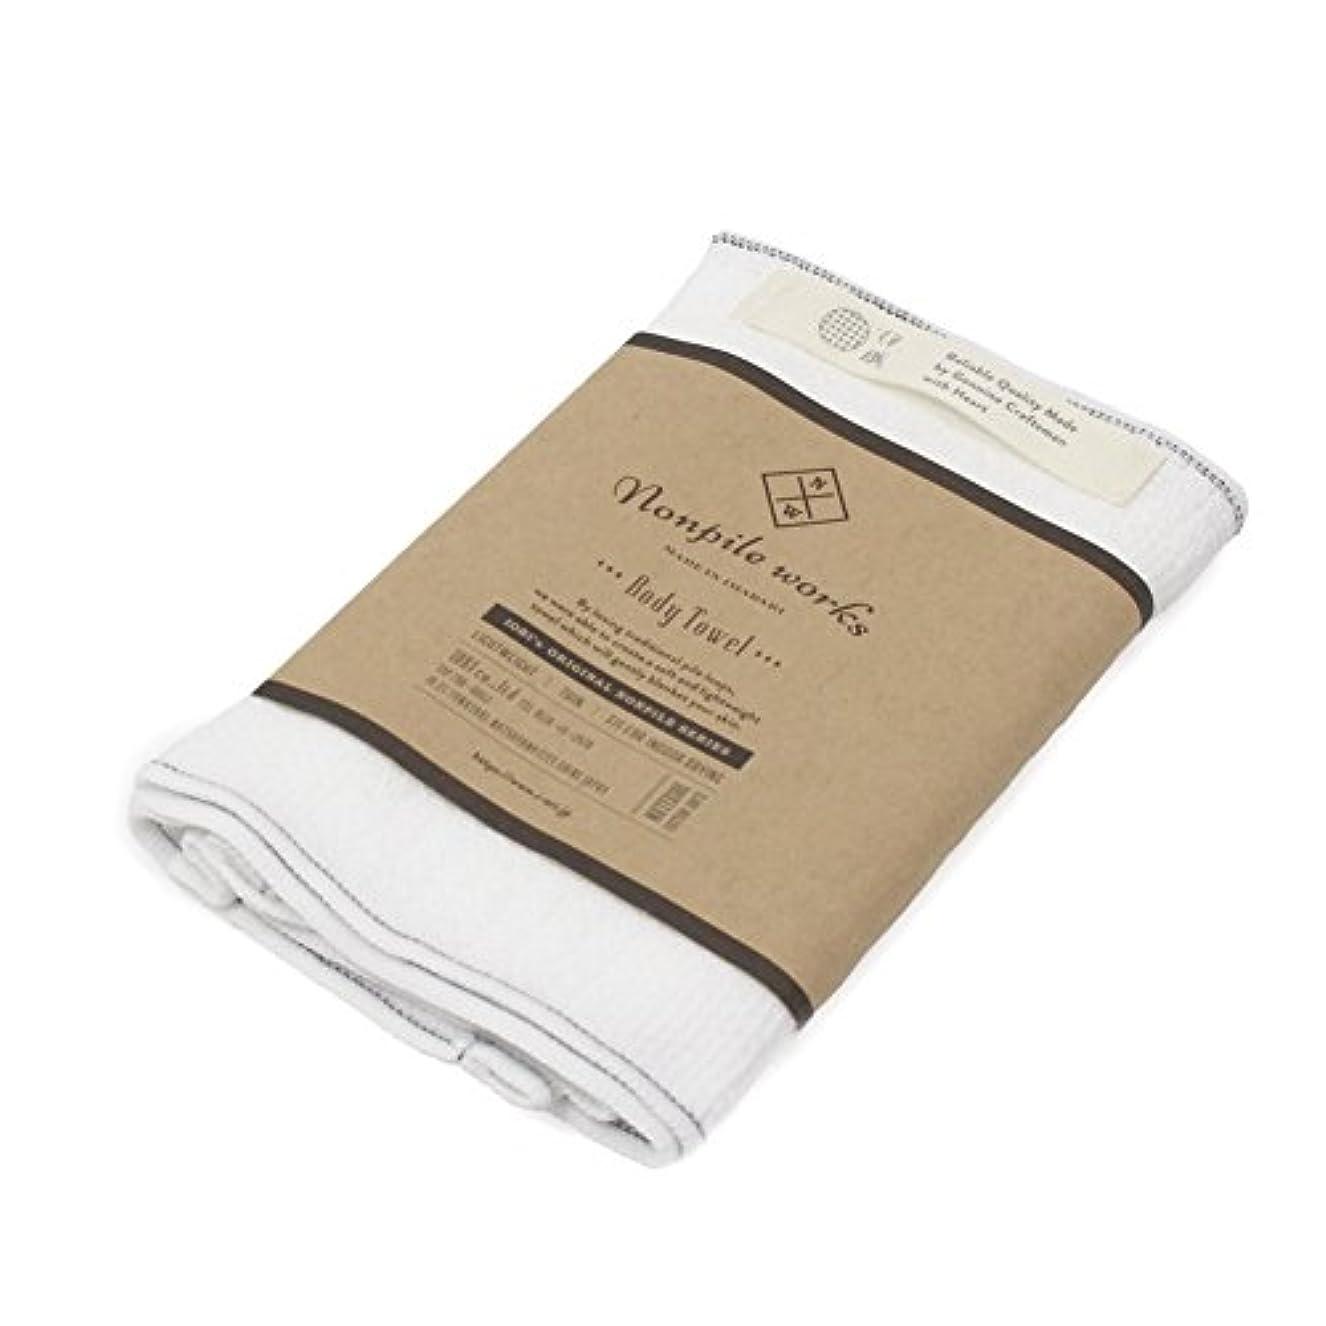 路地国内の素晴らしい良い多くの今治産 ボディタオル 16x85cm nonpile works Body Towel 伊織 (ホワイト)